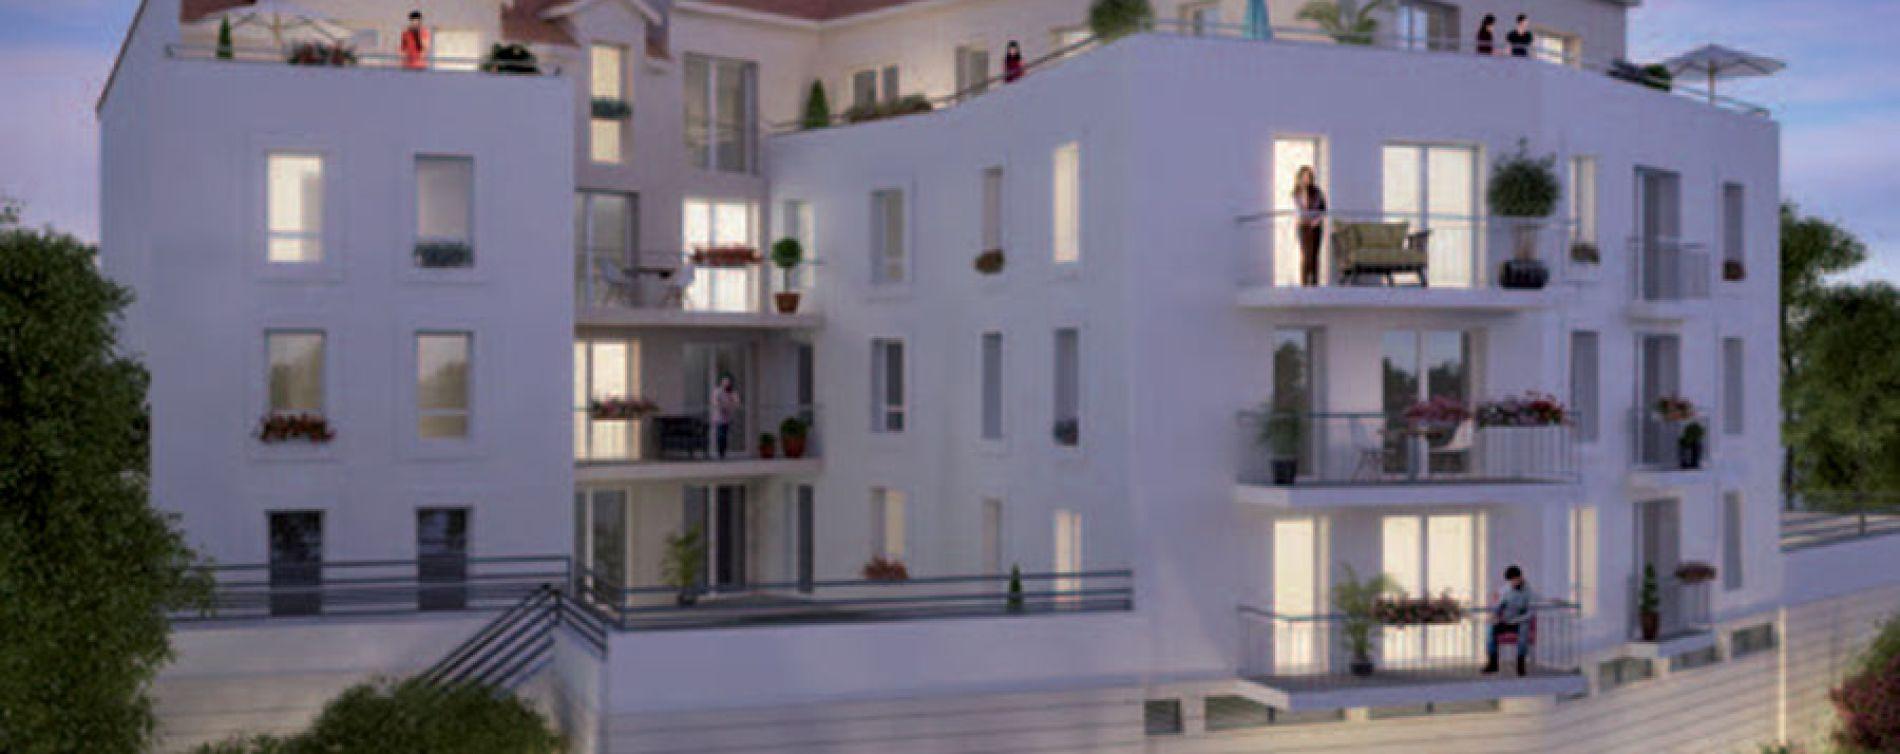 Résidence Villa Tiffany à Meaux